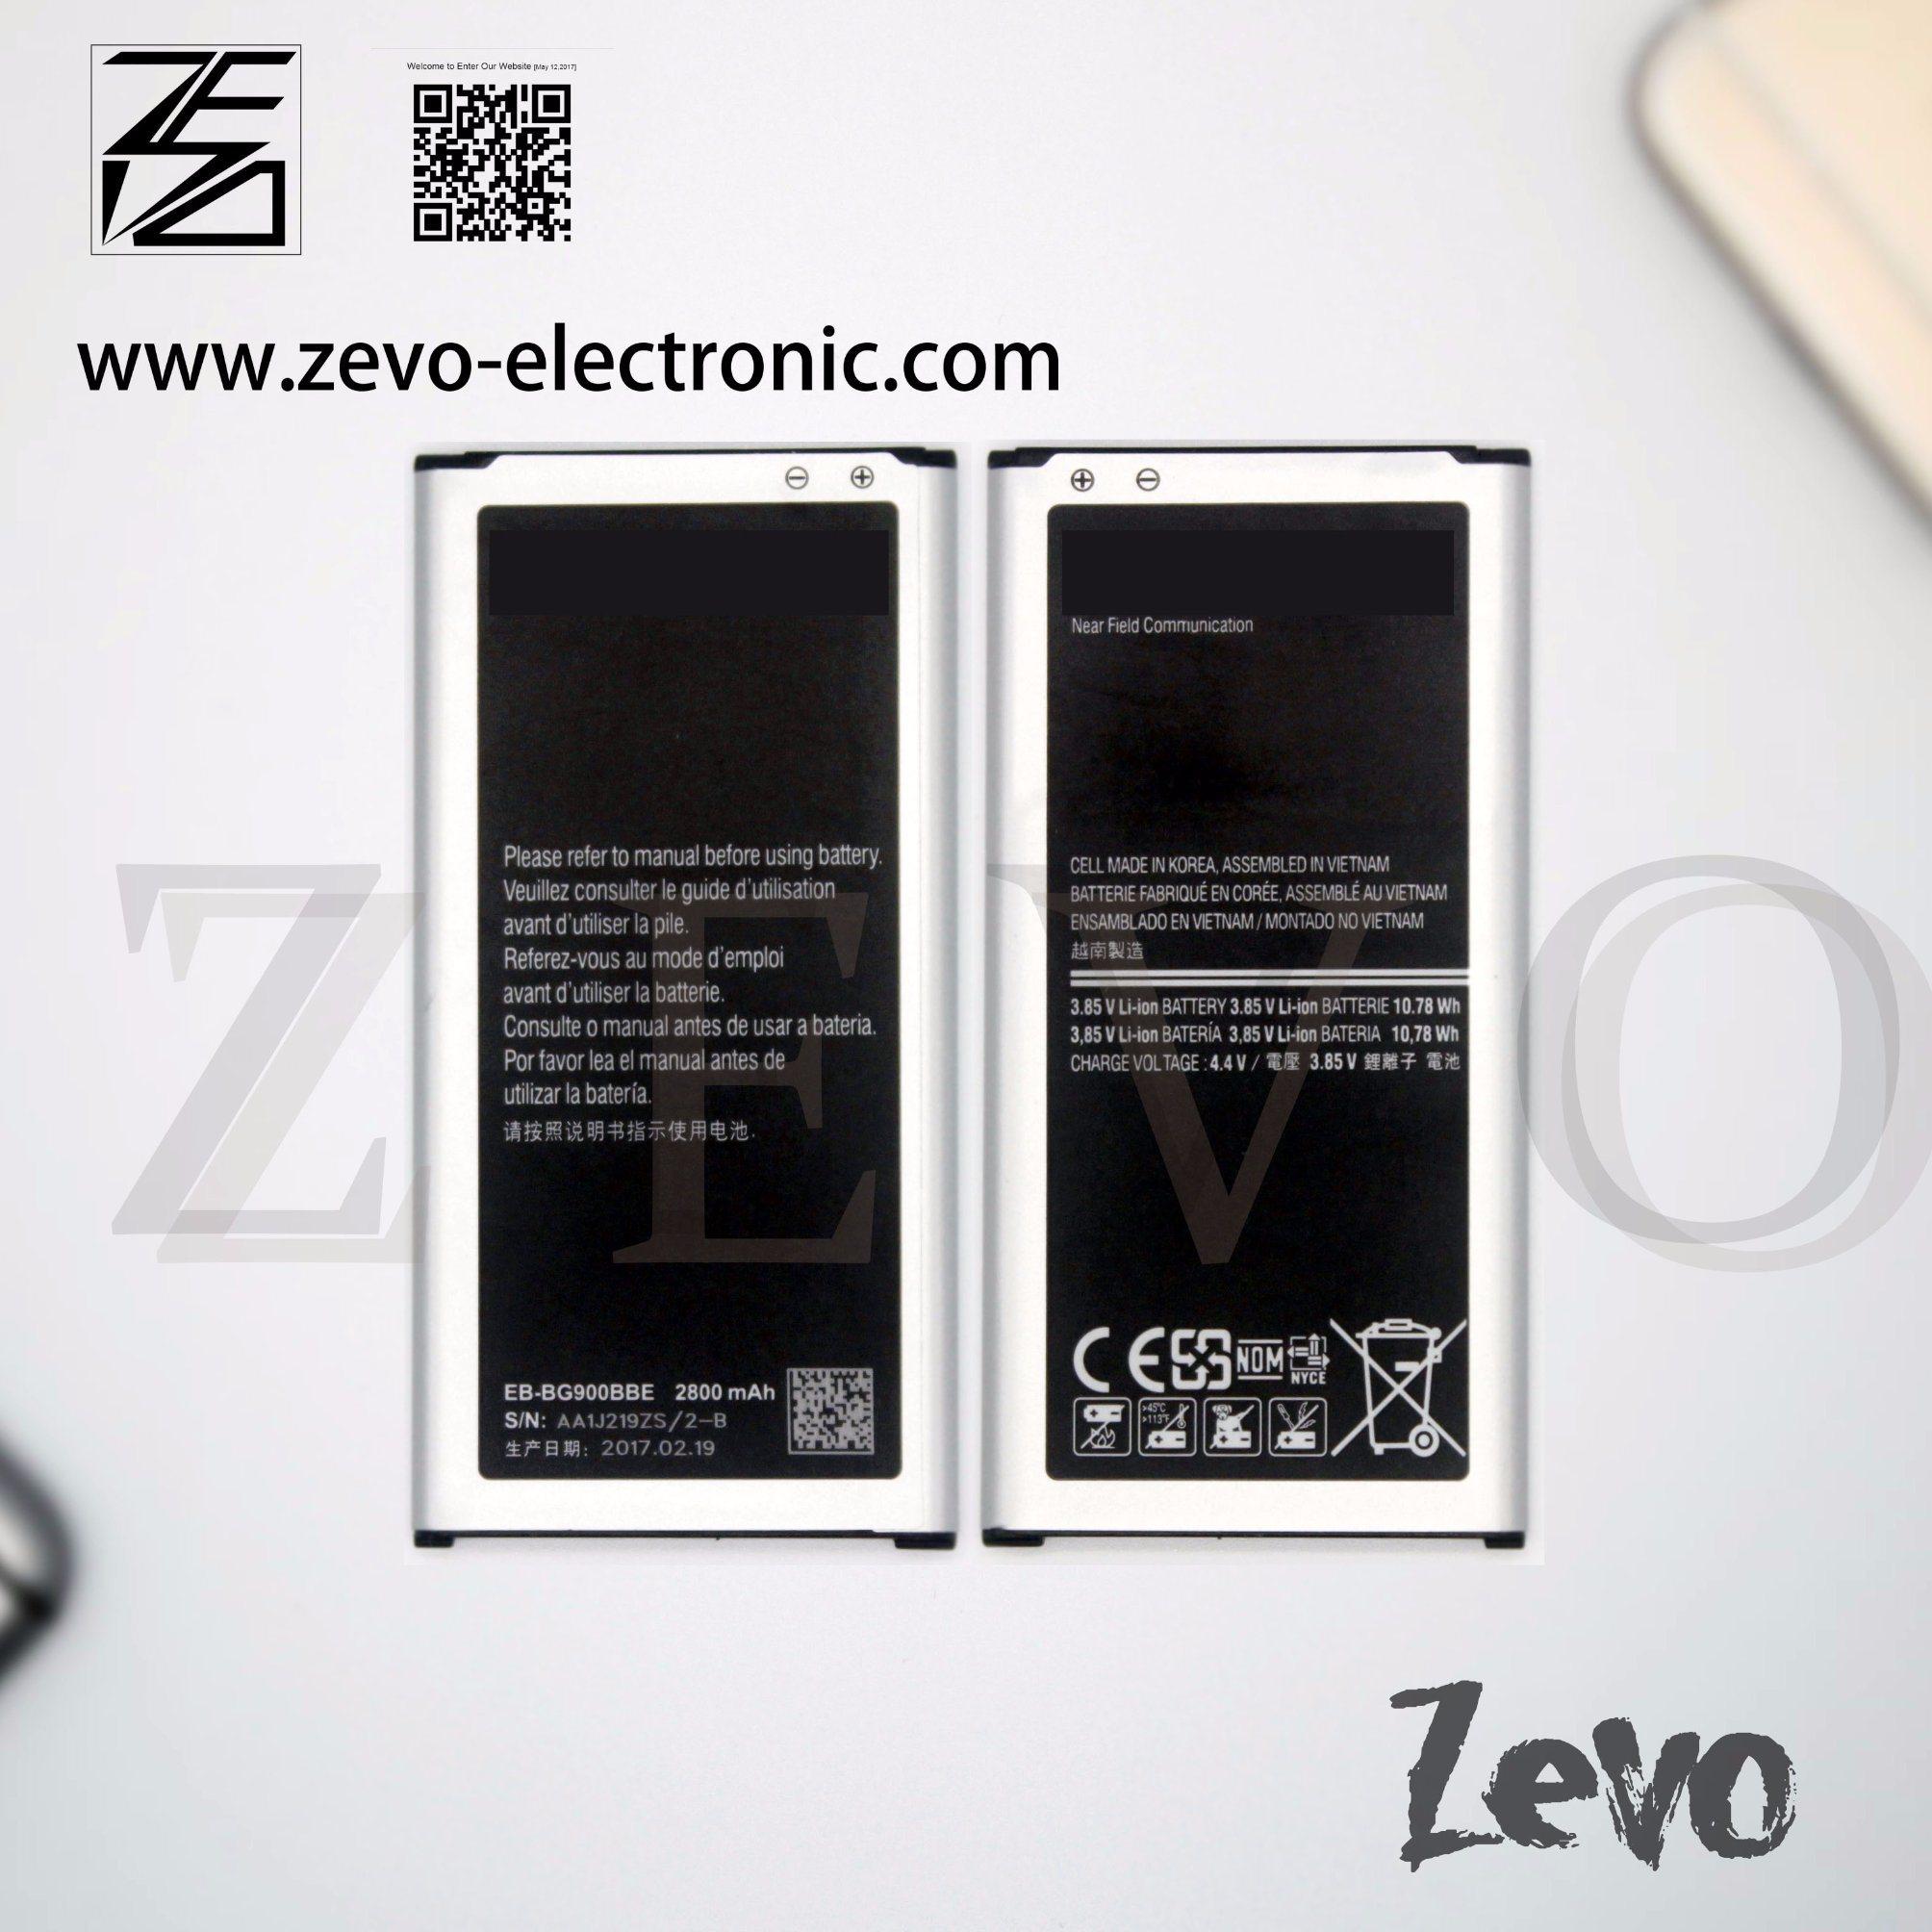 China Original Mobiel Phone Battery For Samsung Galaxy S5 I9600 Sm Note 2 3600mah 900 Eb Bg900bbu Bg900bbc 2800mah Mobile